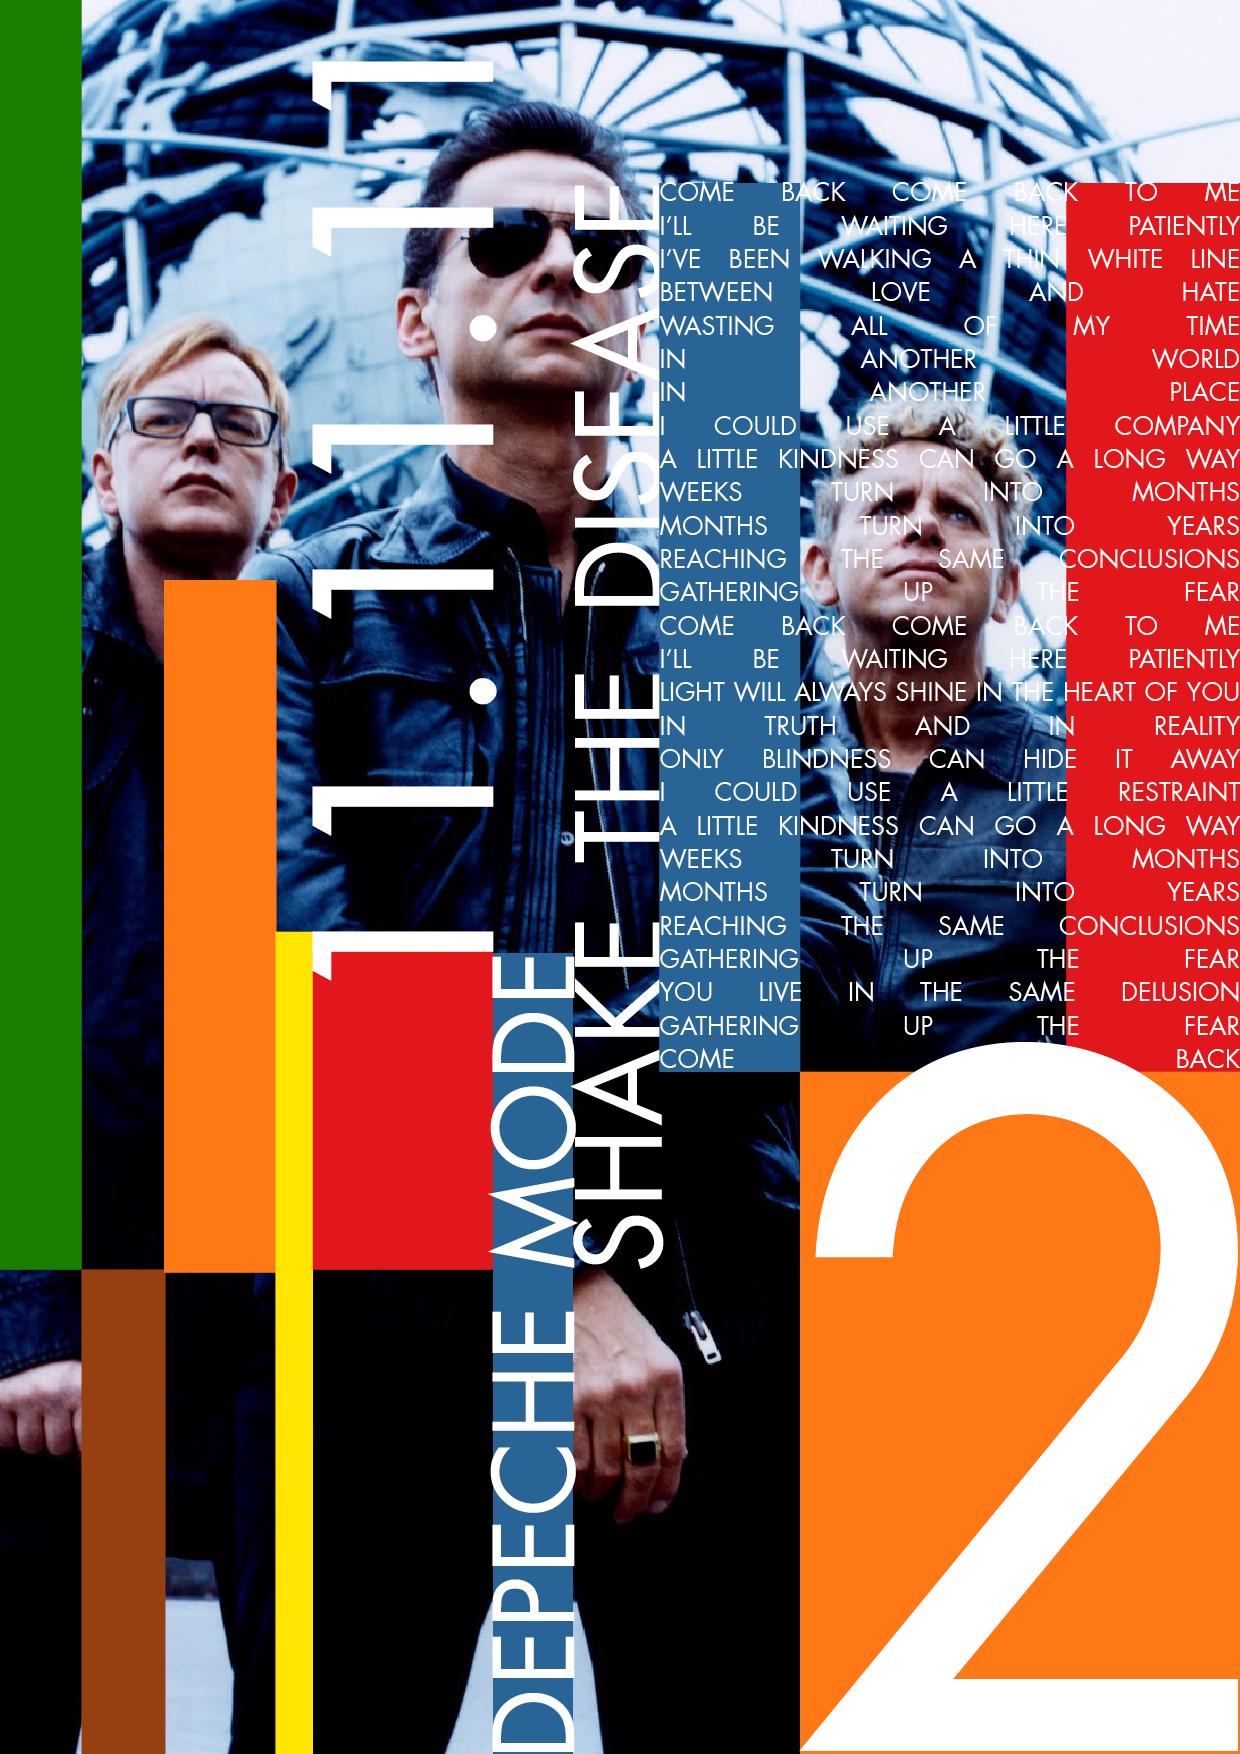 http://www.shakethedisease.fr/teasings/sotu.jpg